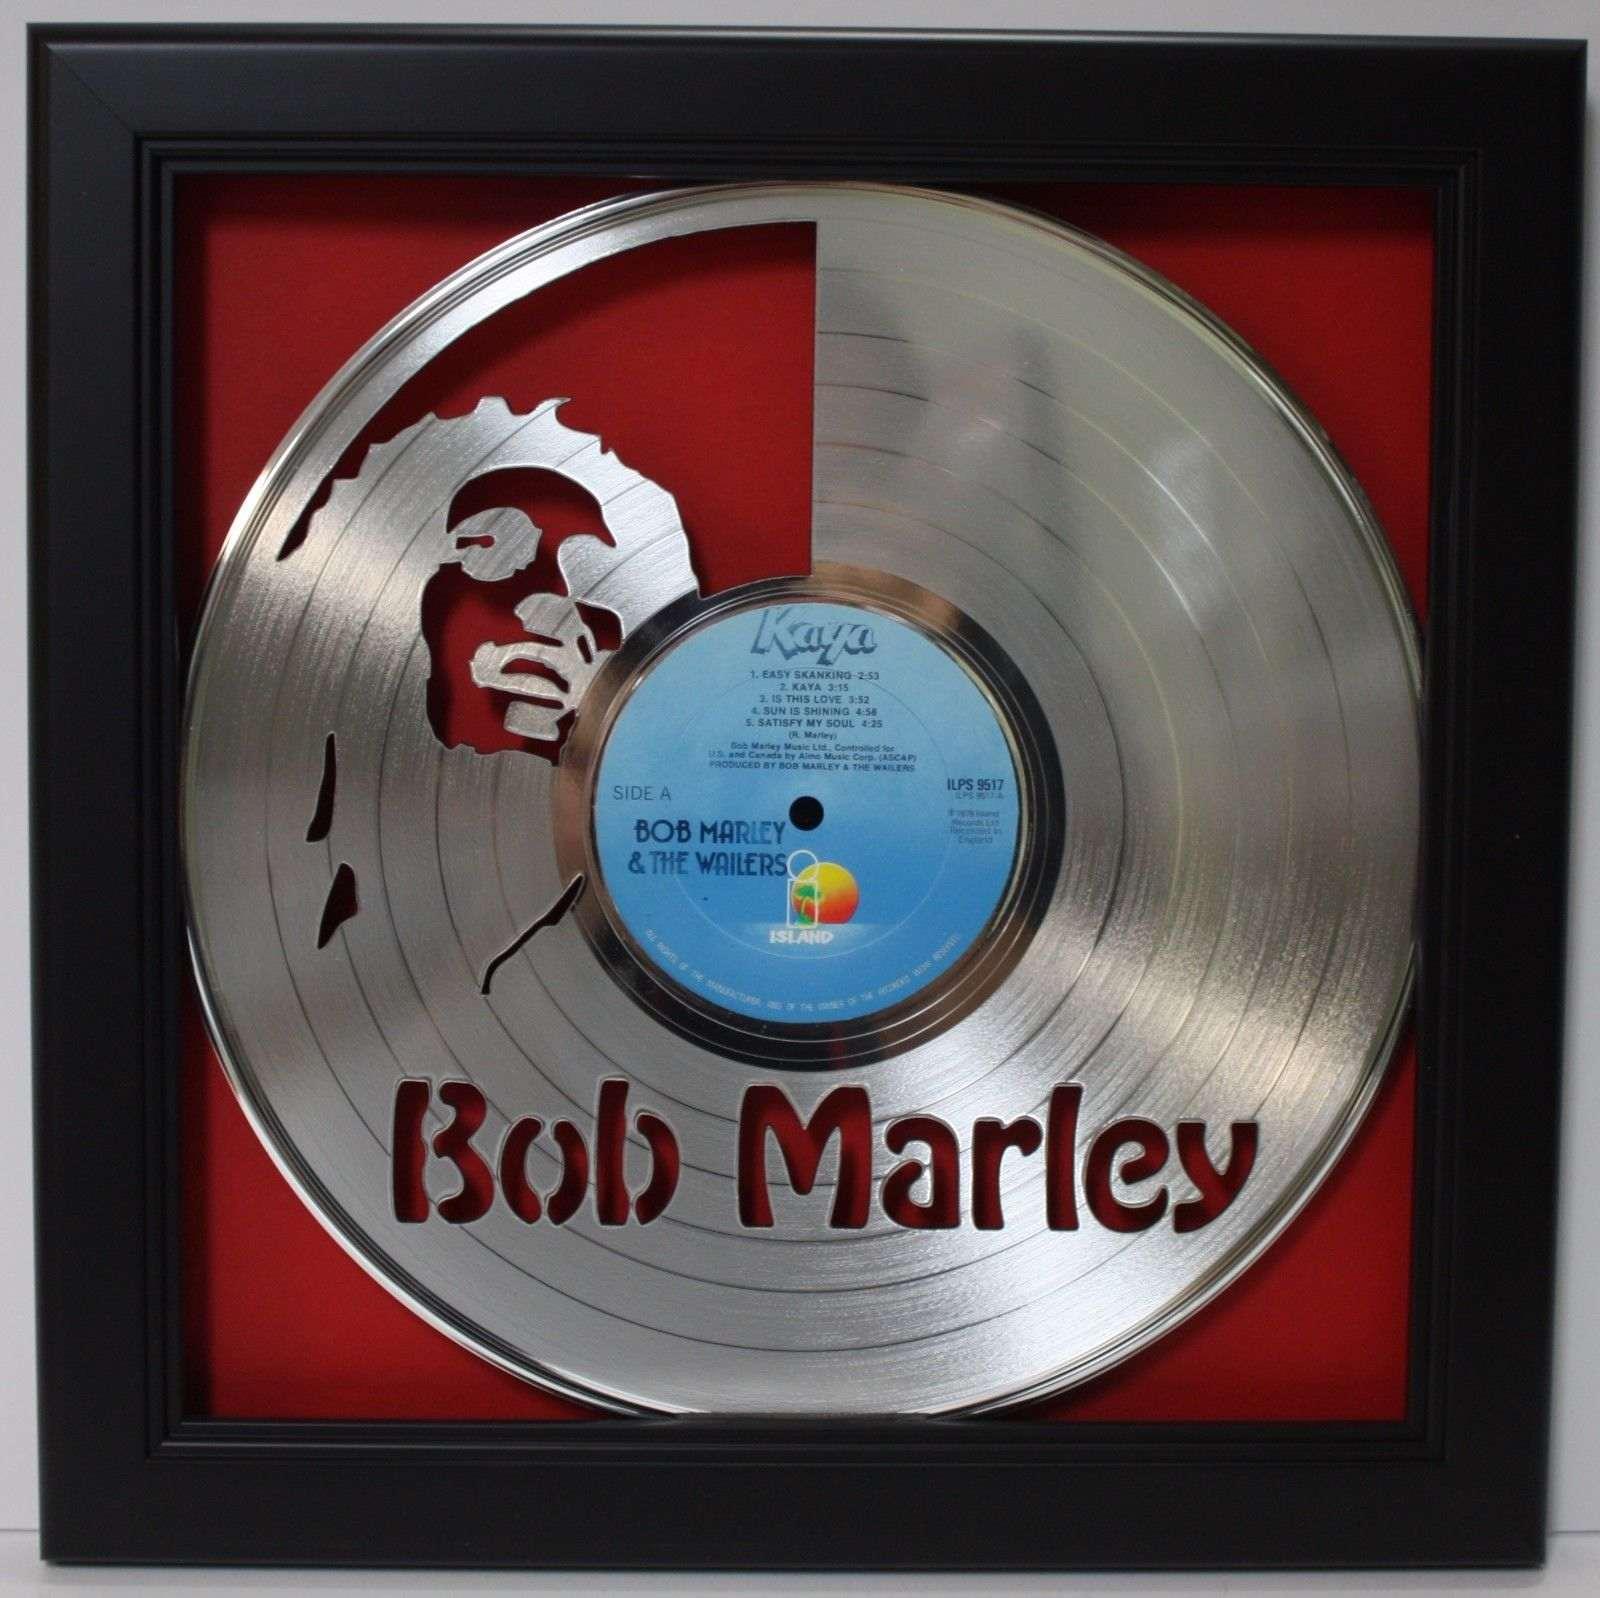 Bob Marley Black Wood Framed Laser Cut Platinum Lp